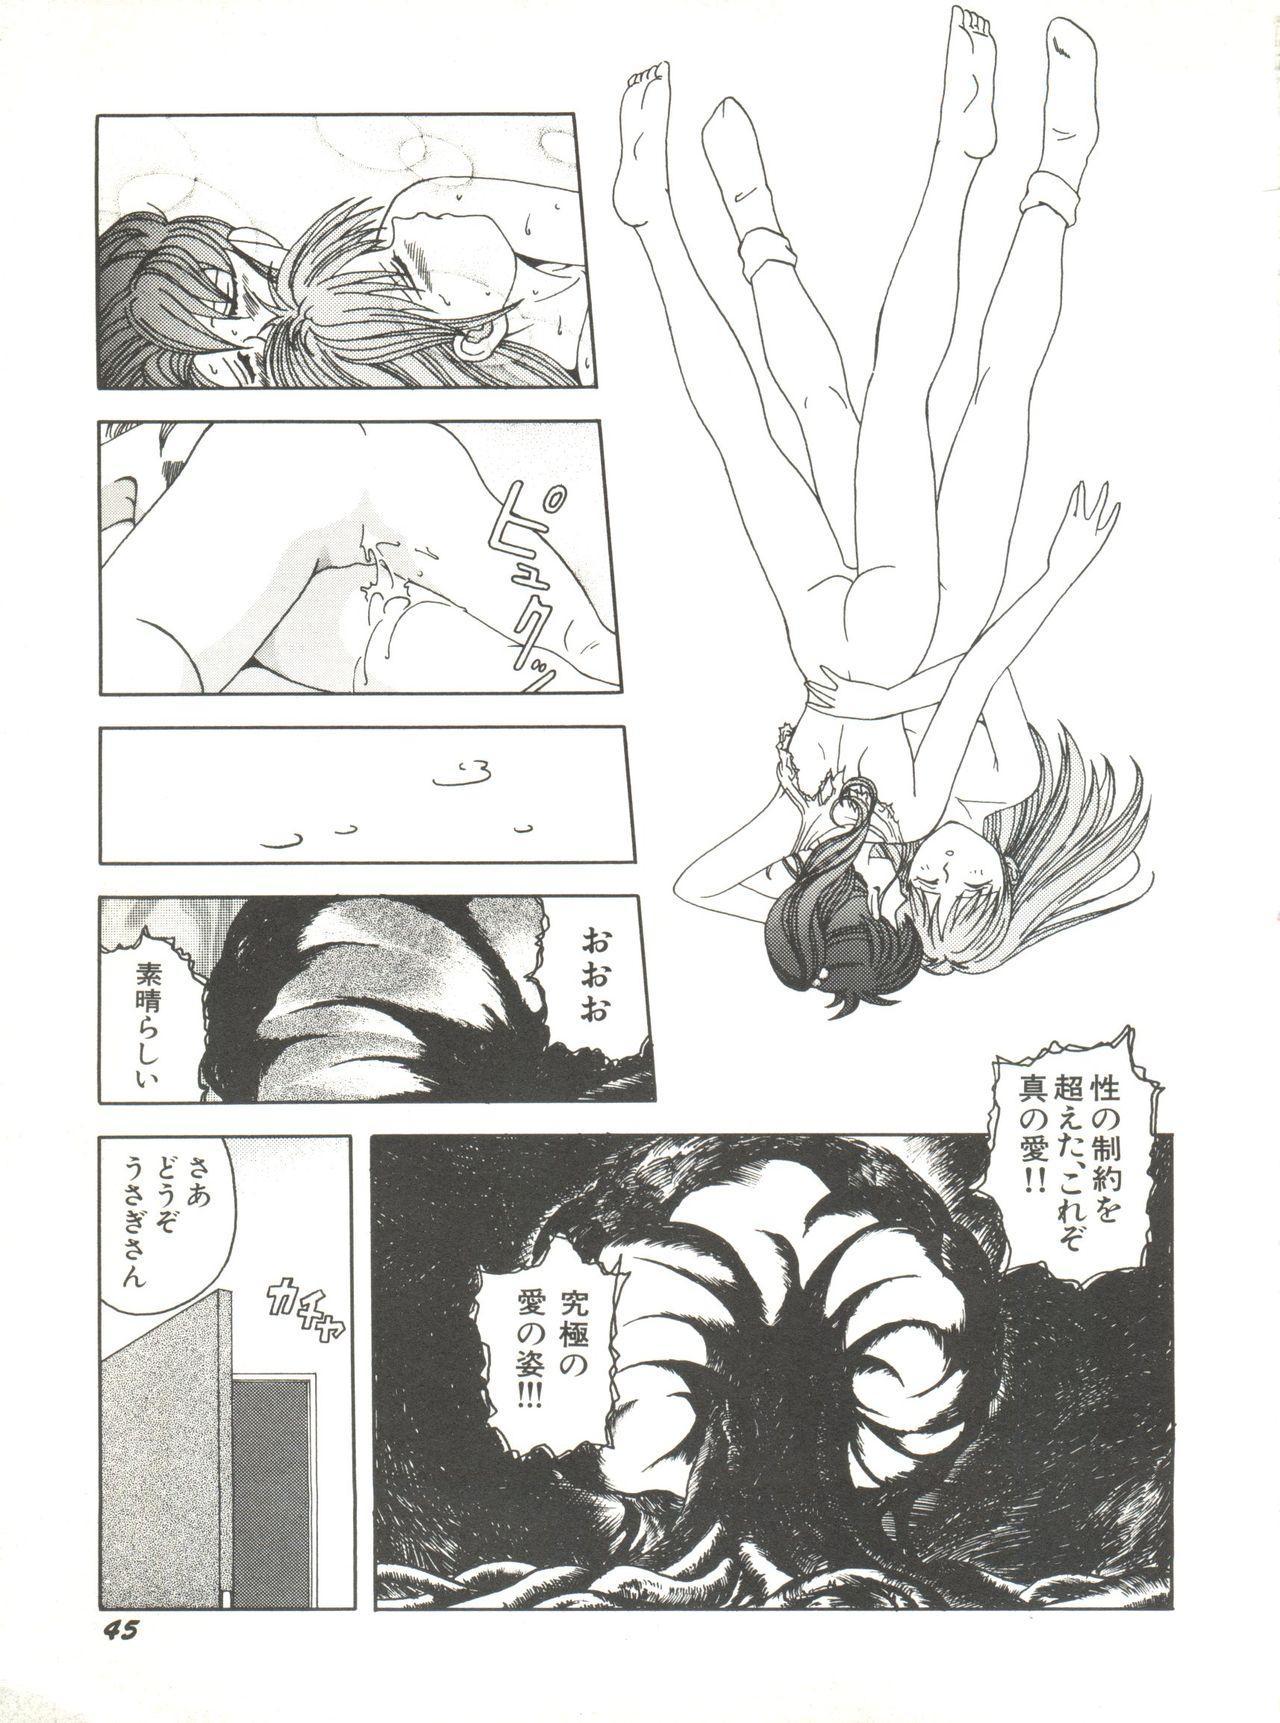 Bishoujo Doujinshi Anthology 12 - Moon Paradise 7 Tsuki no Rakuen 49